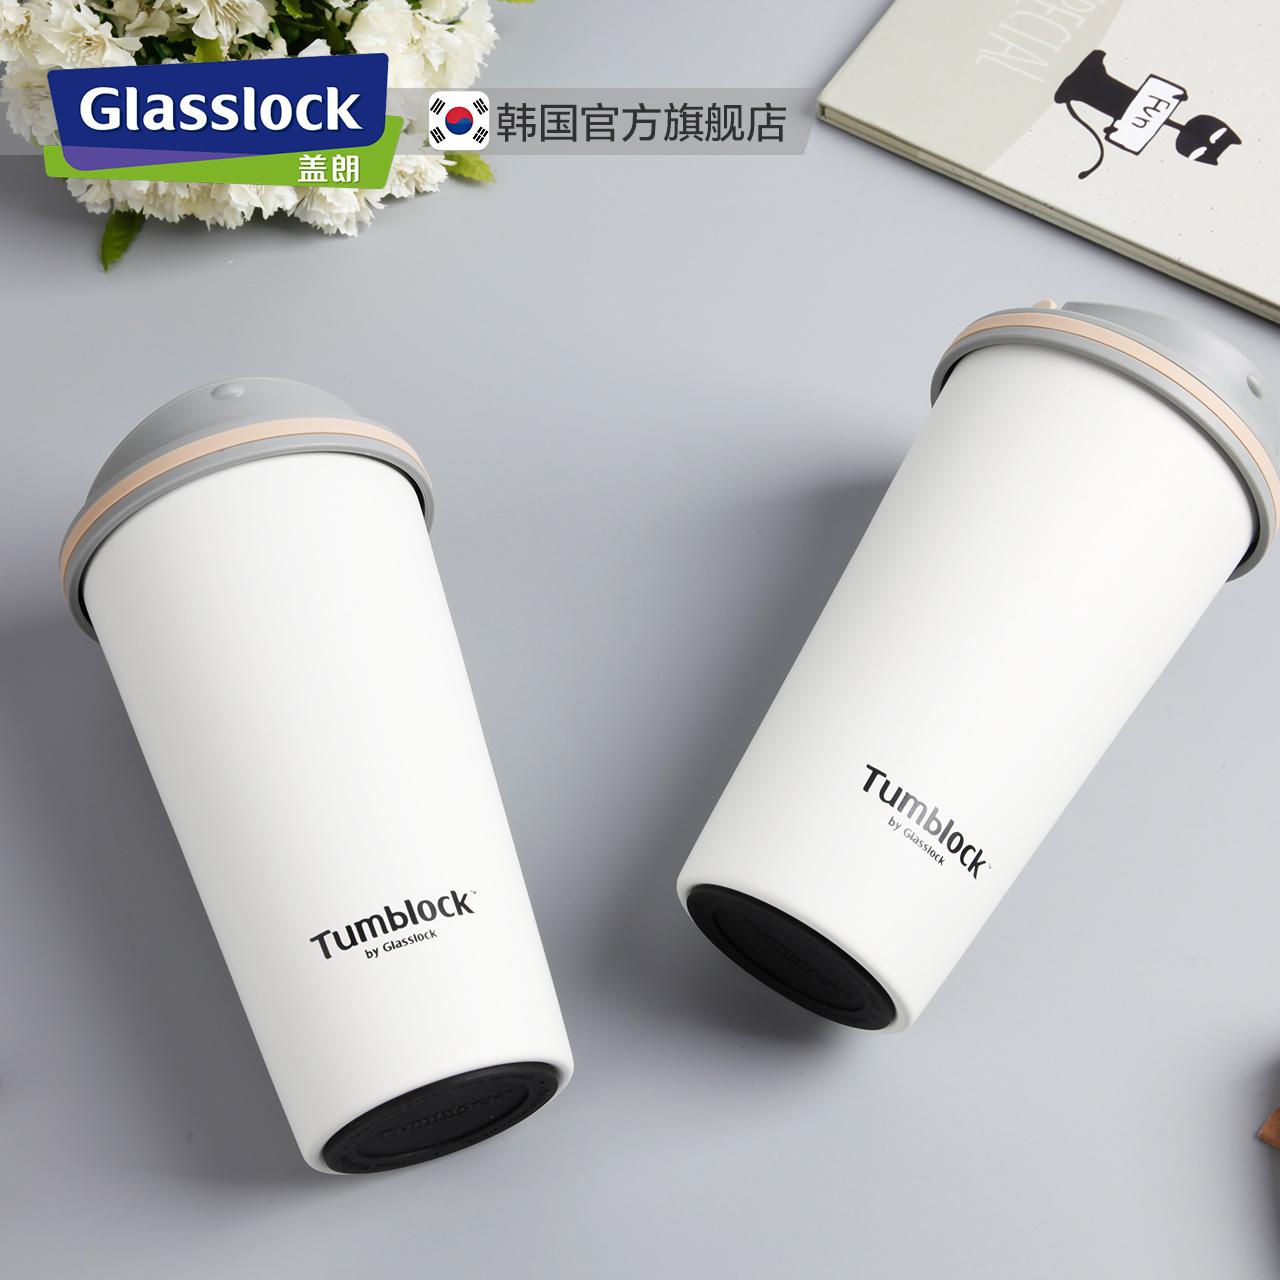 Glasslock 三光云彩 撞色不锈钢真空保温咖啡杯 550ml